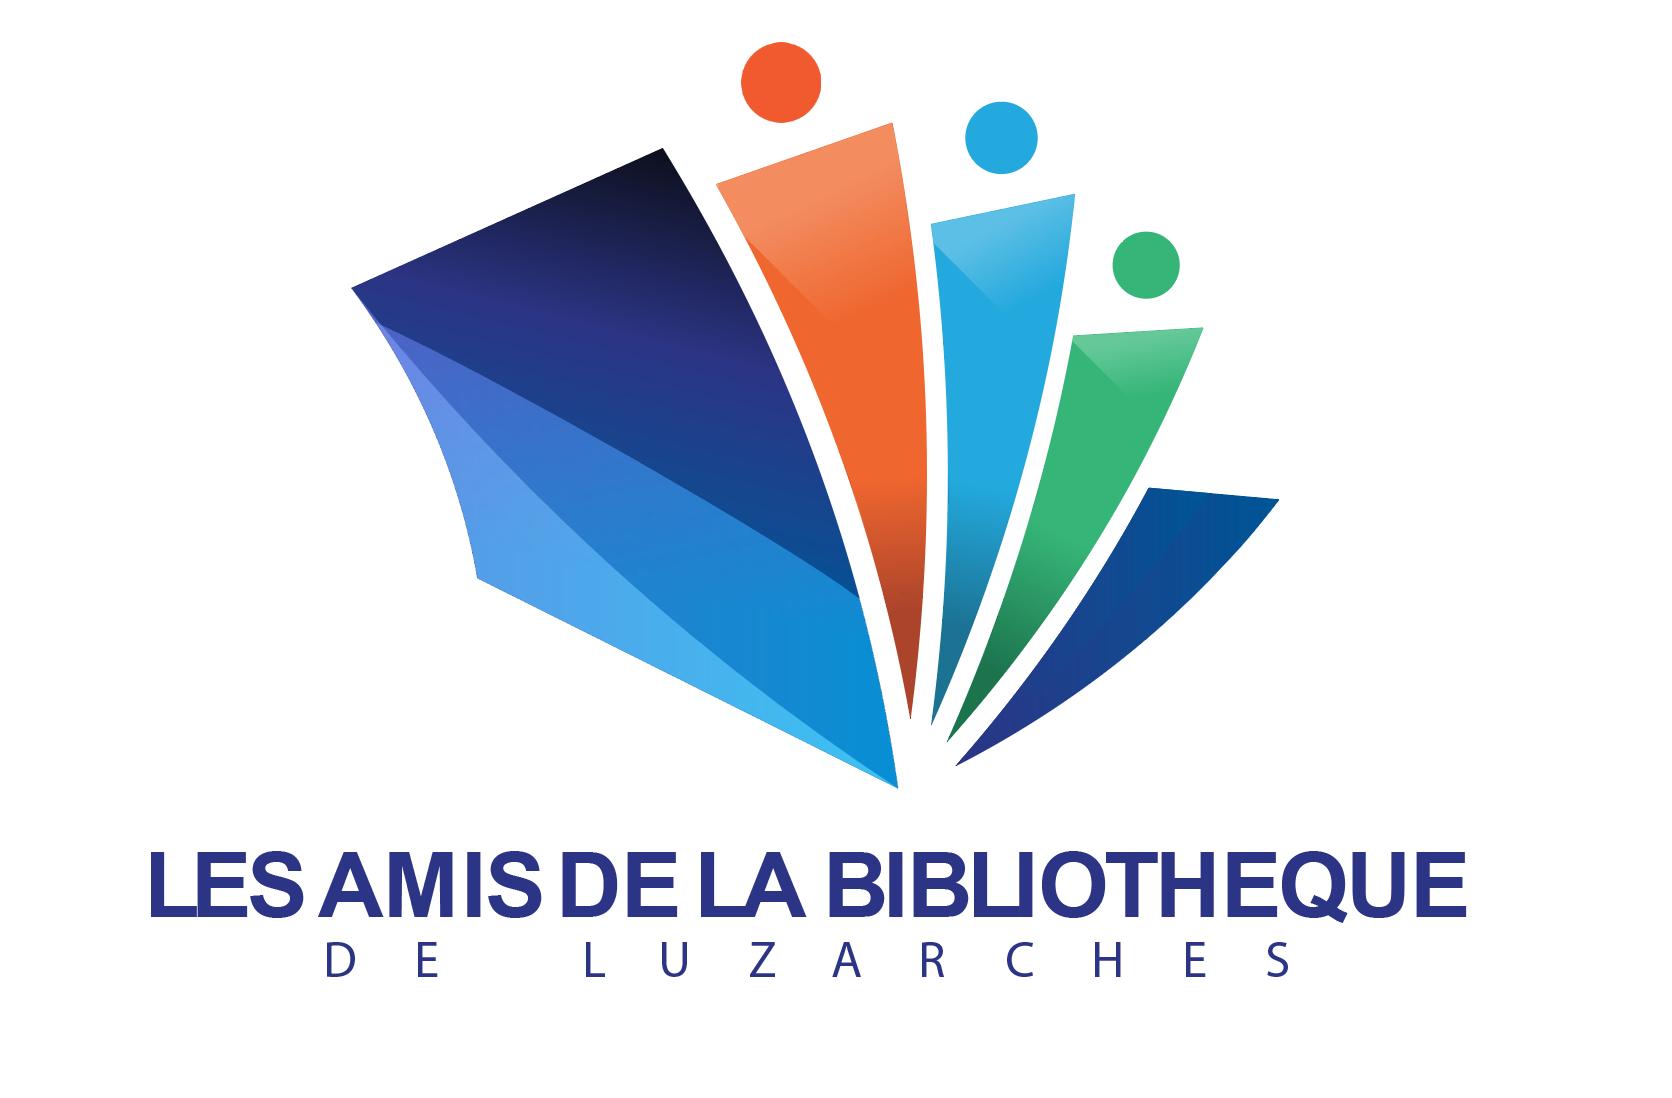 Les amis de la bibliothèque de Luzarches